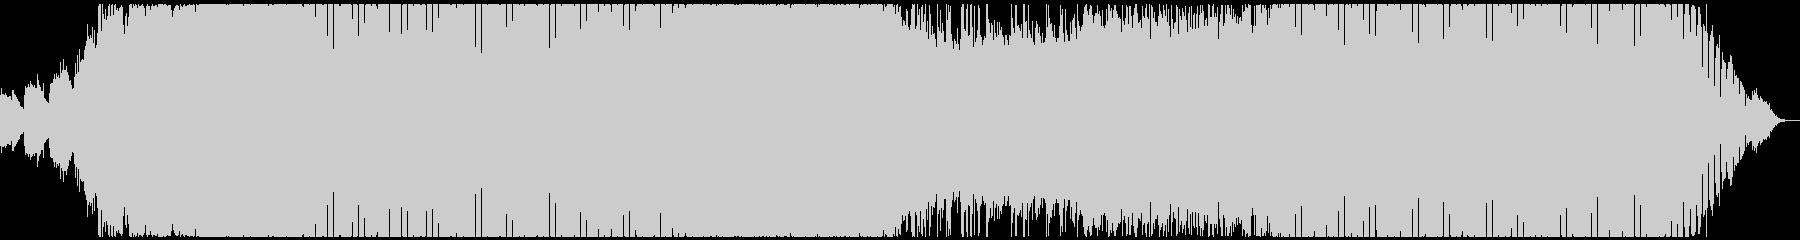 ゲームのバトルシーンに最適なBGMの未再生の波形